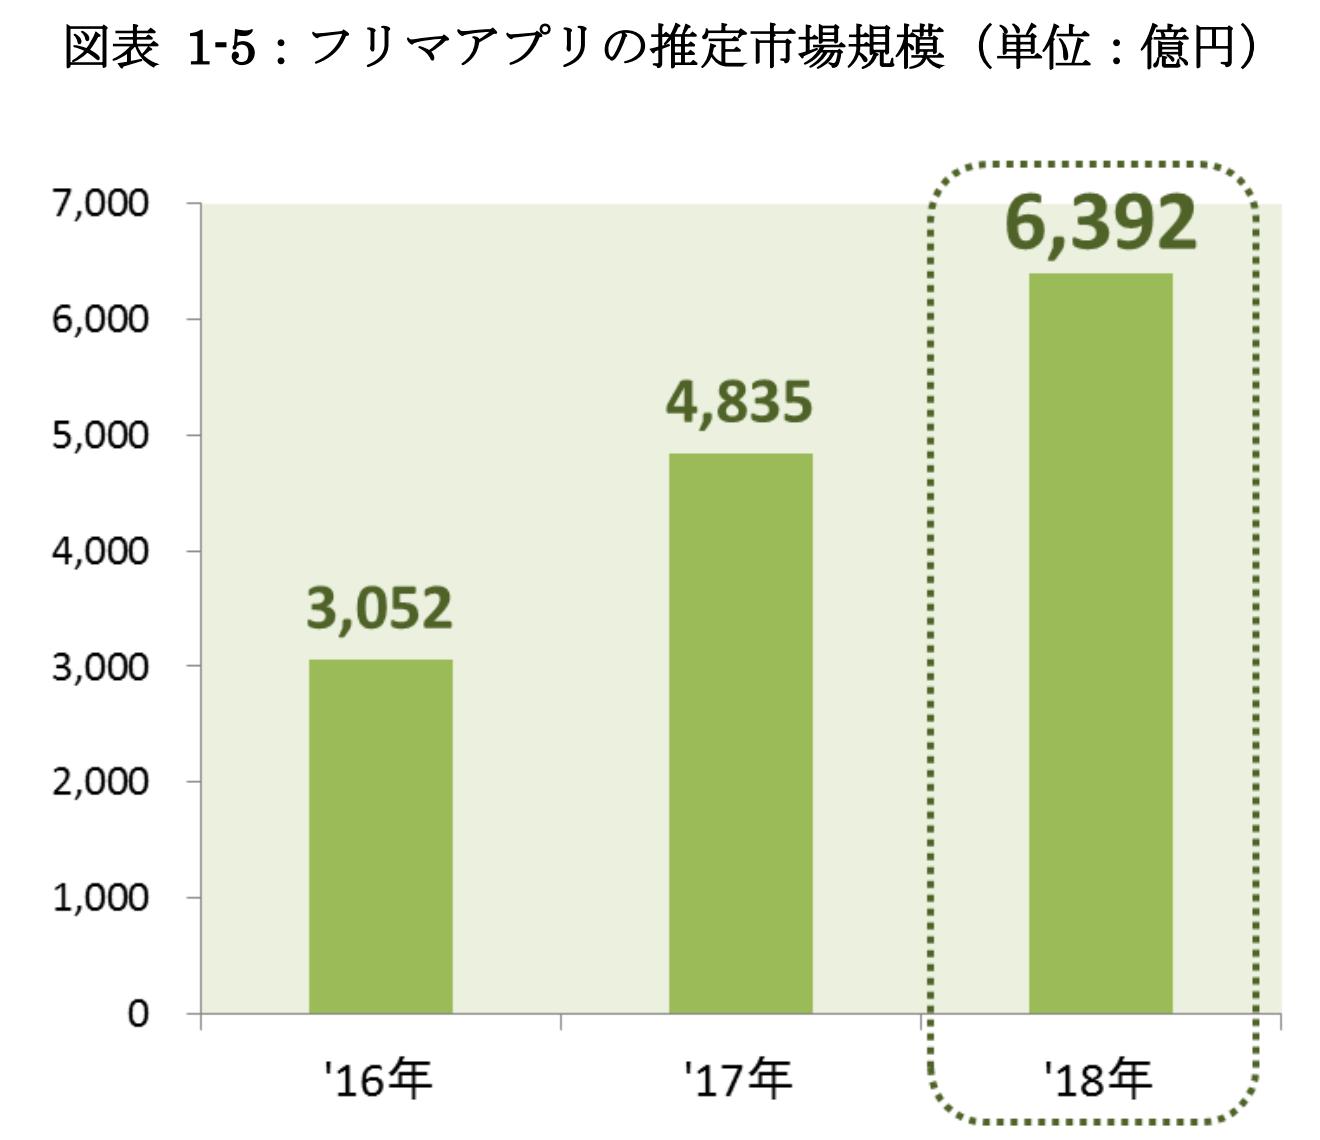 日本のフリマアプリの推定市場規模